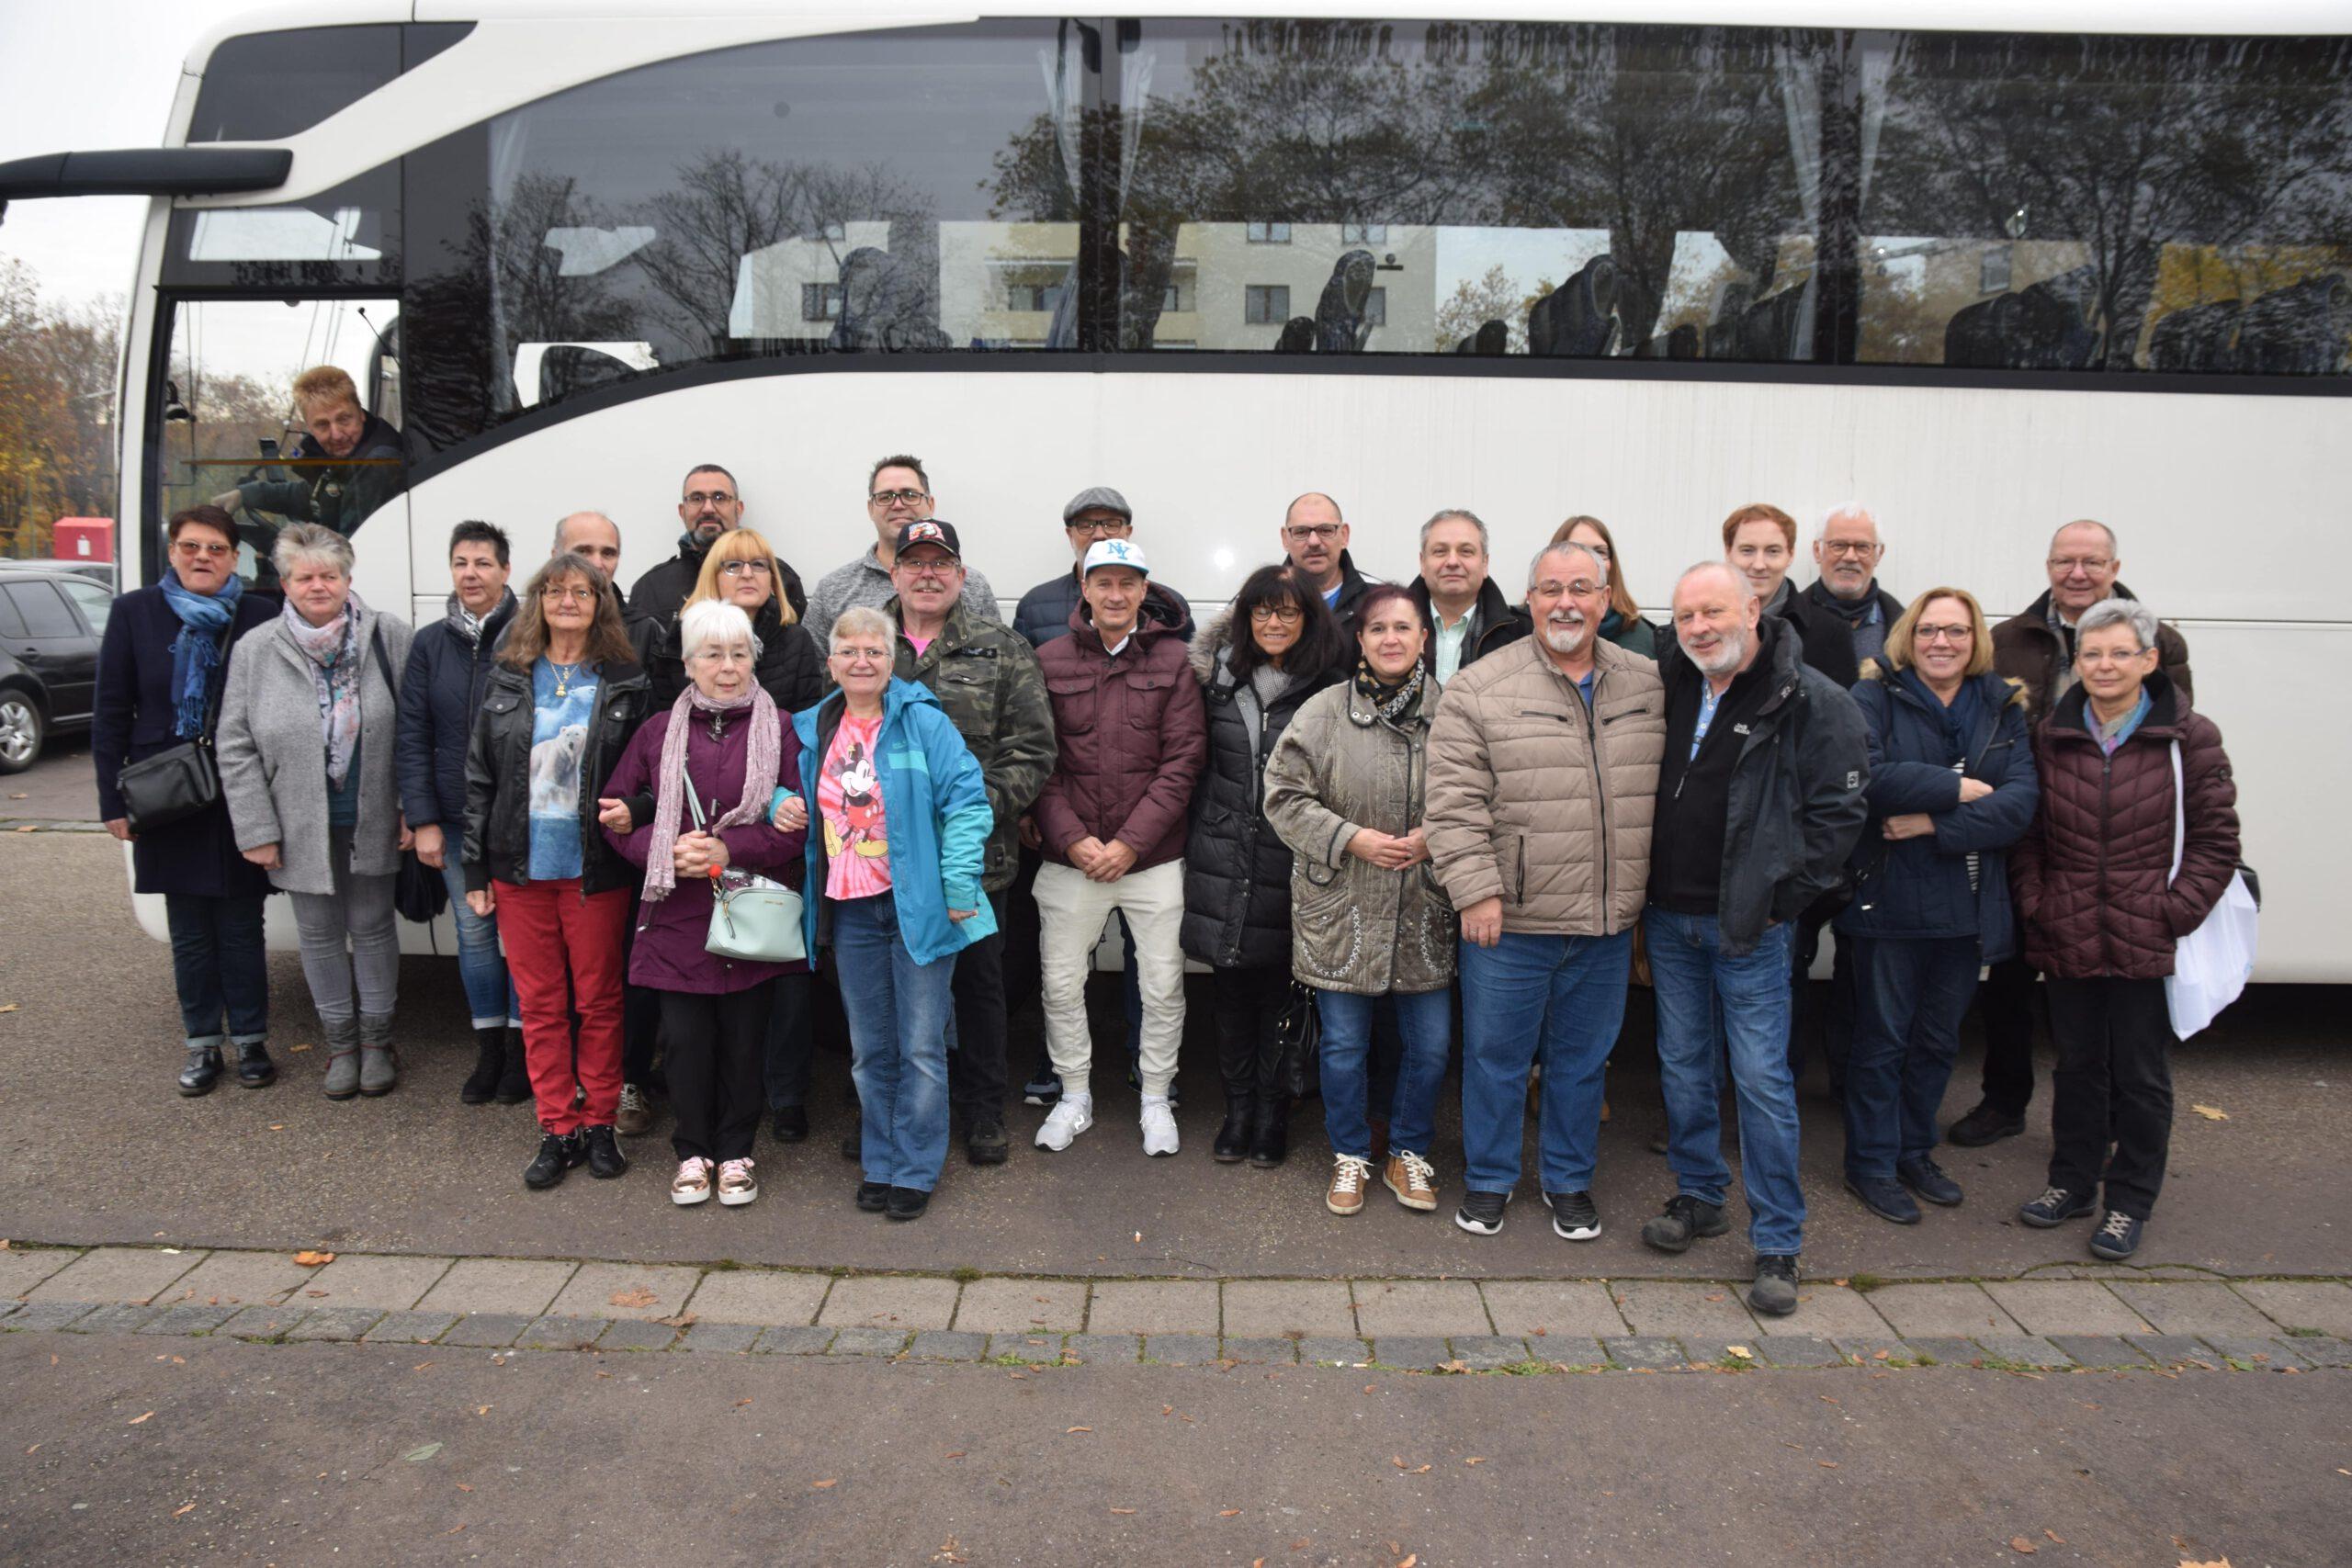 Abteilungspokal (2019) und Ausflug nach Nürnberg